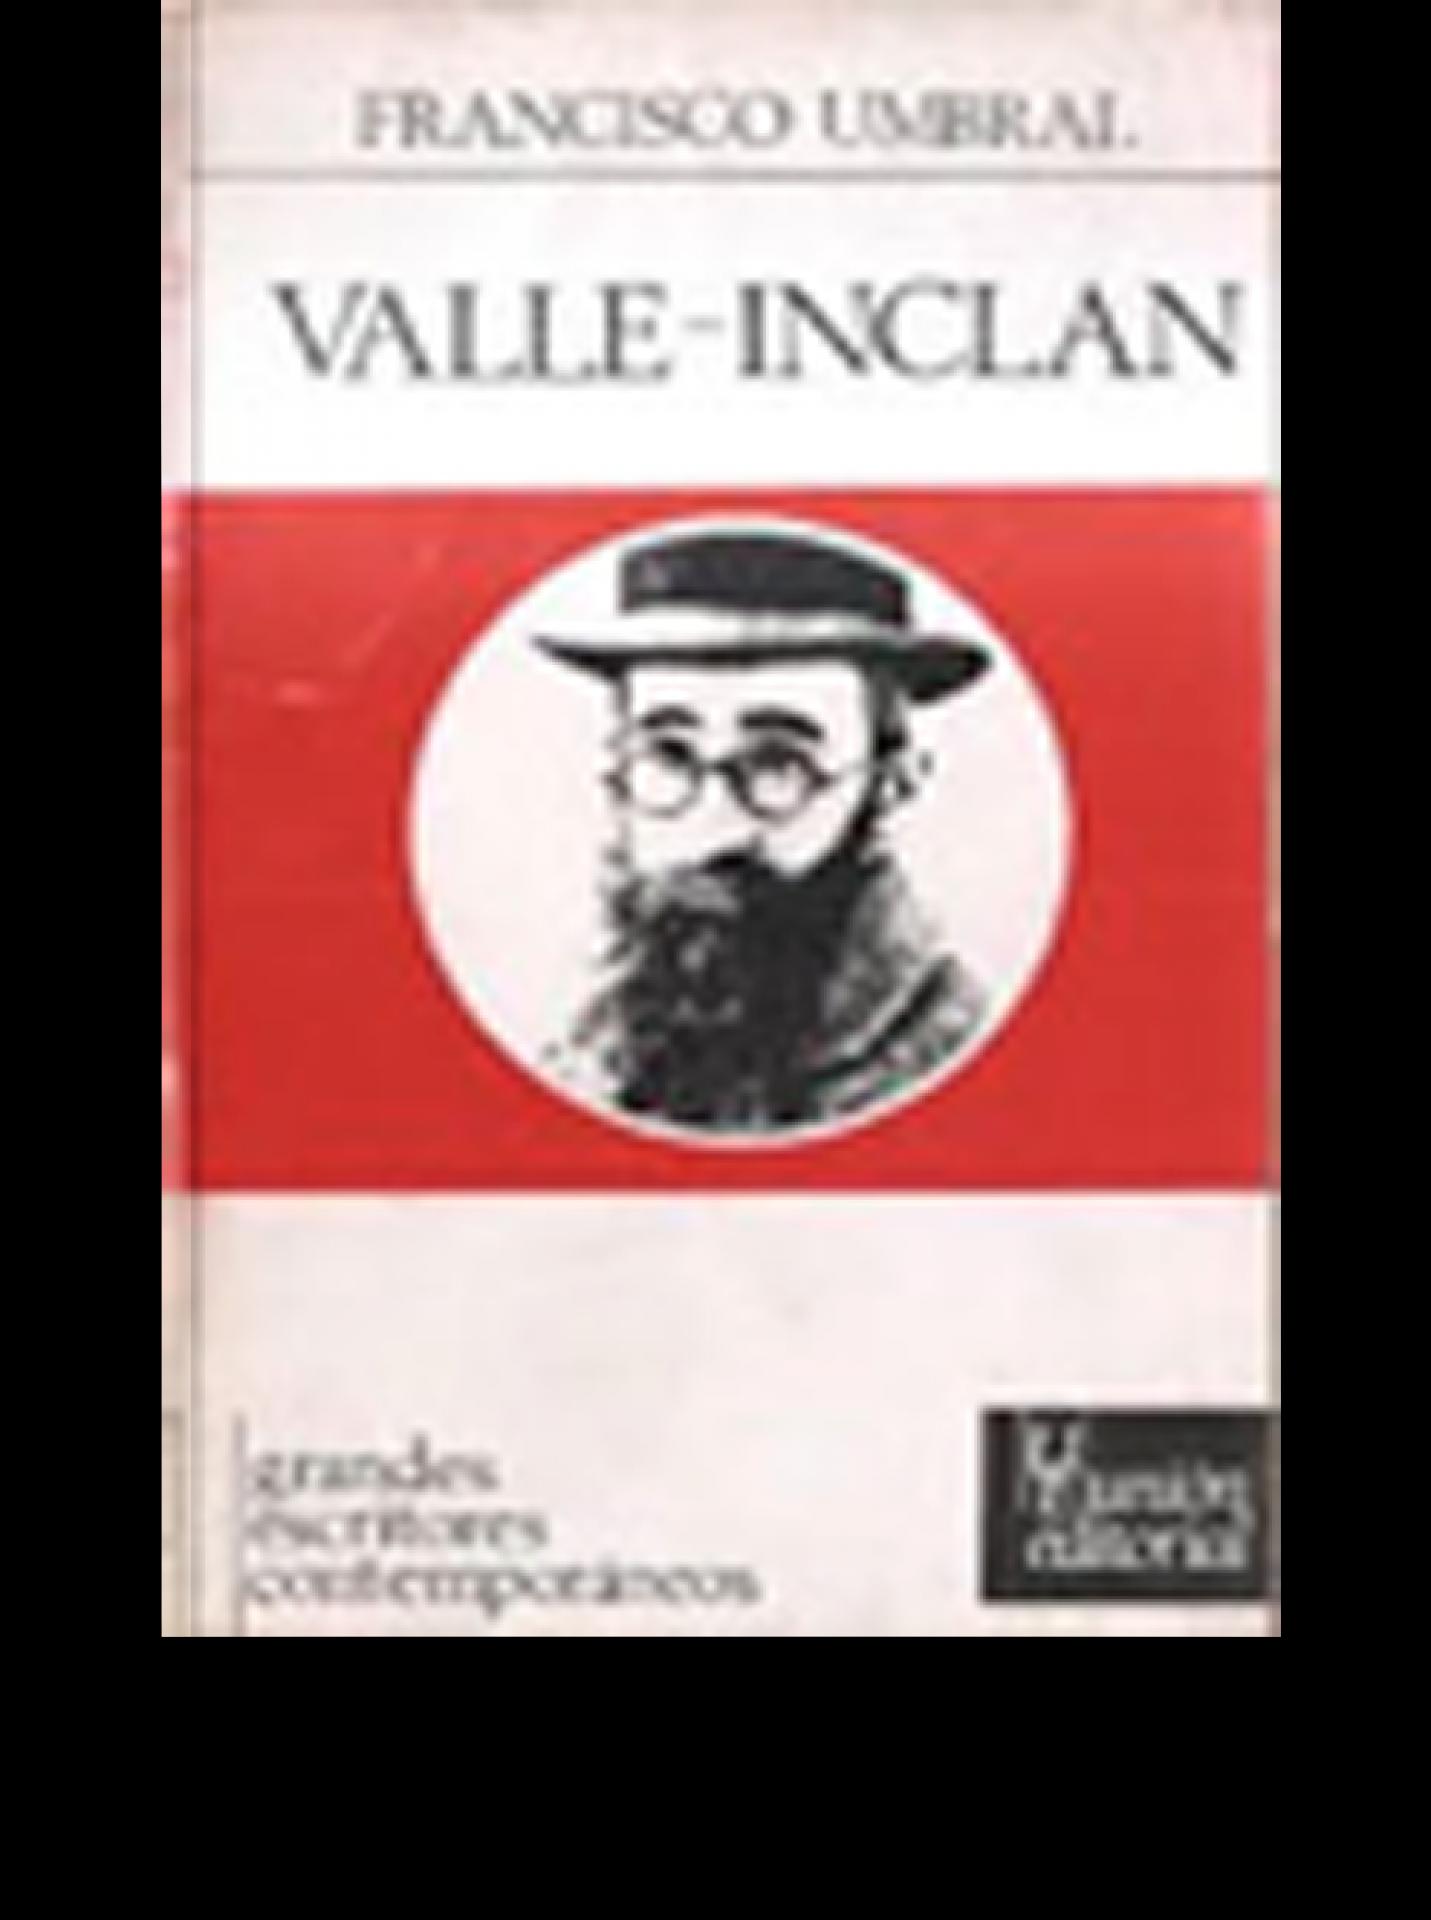 Valle-Inclán